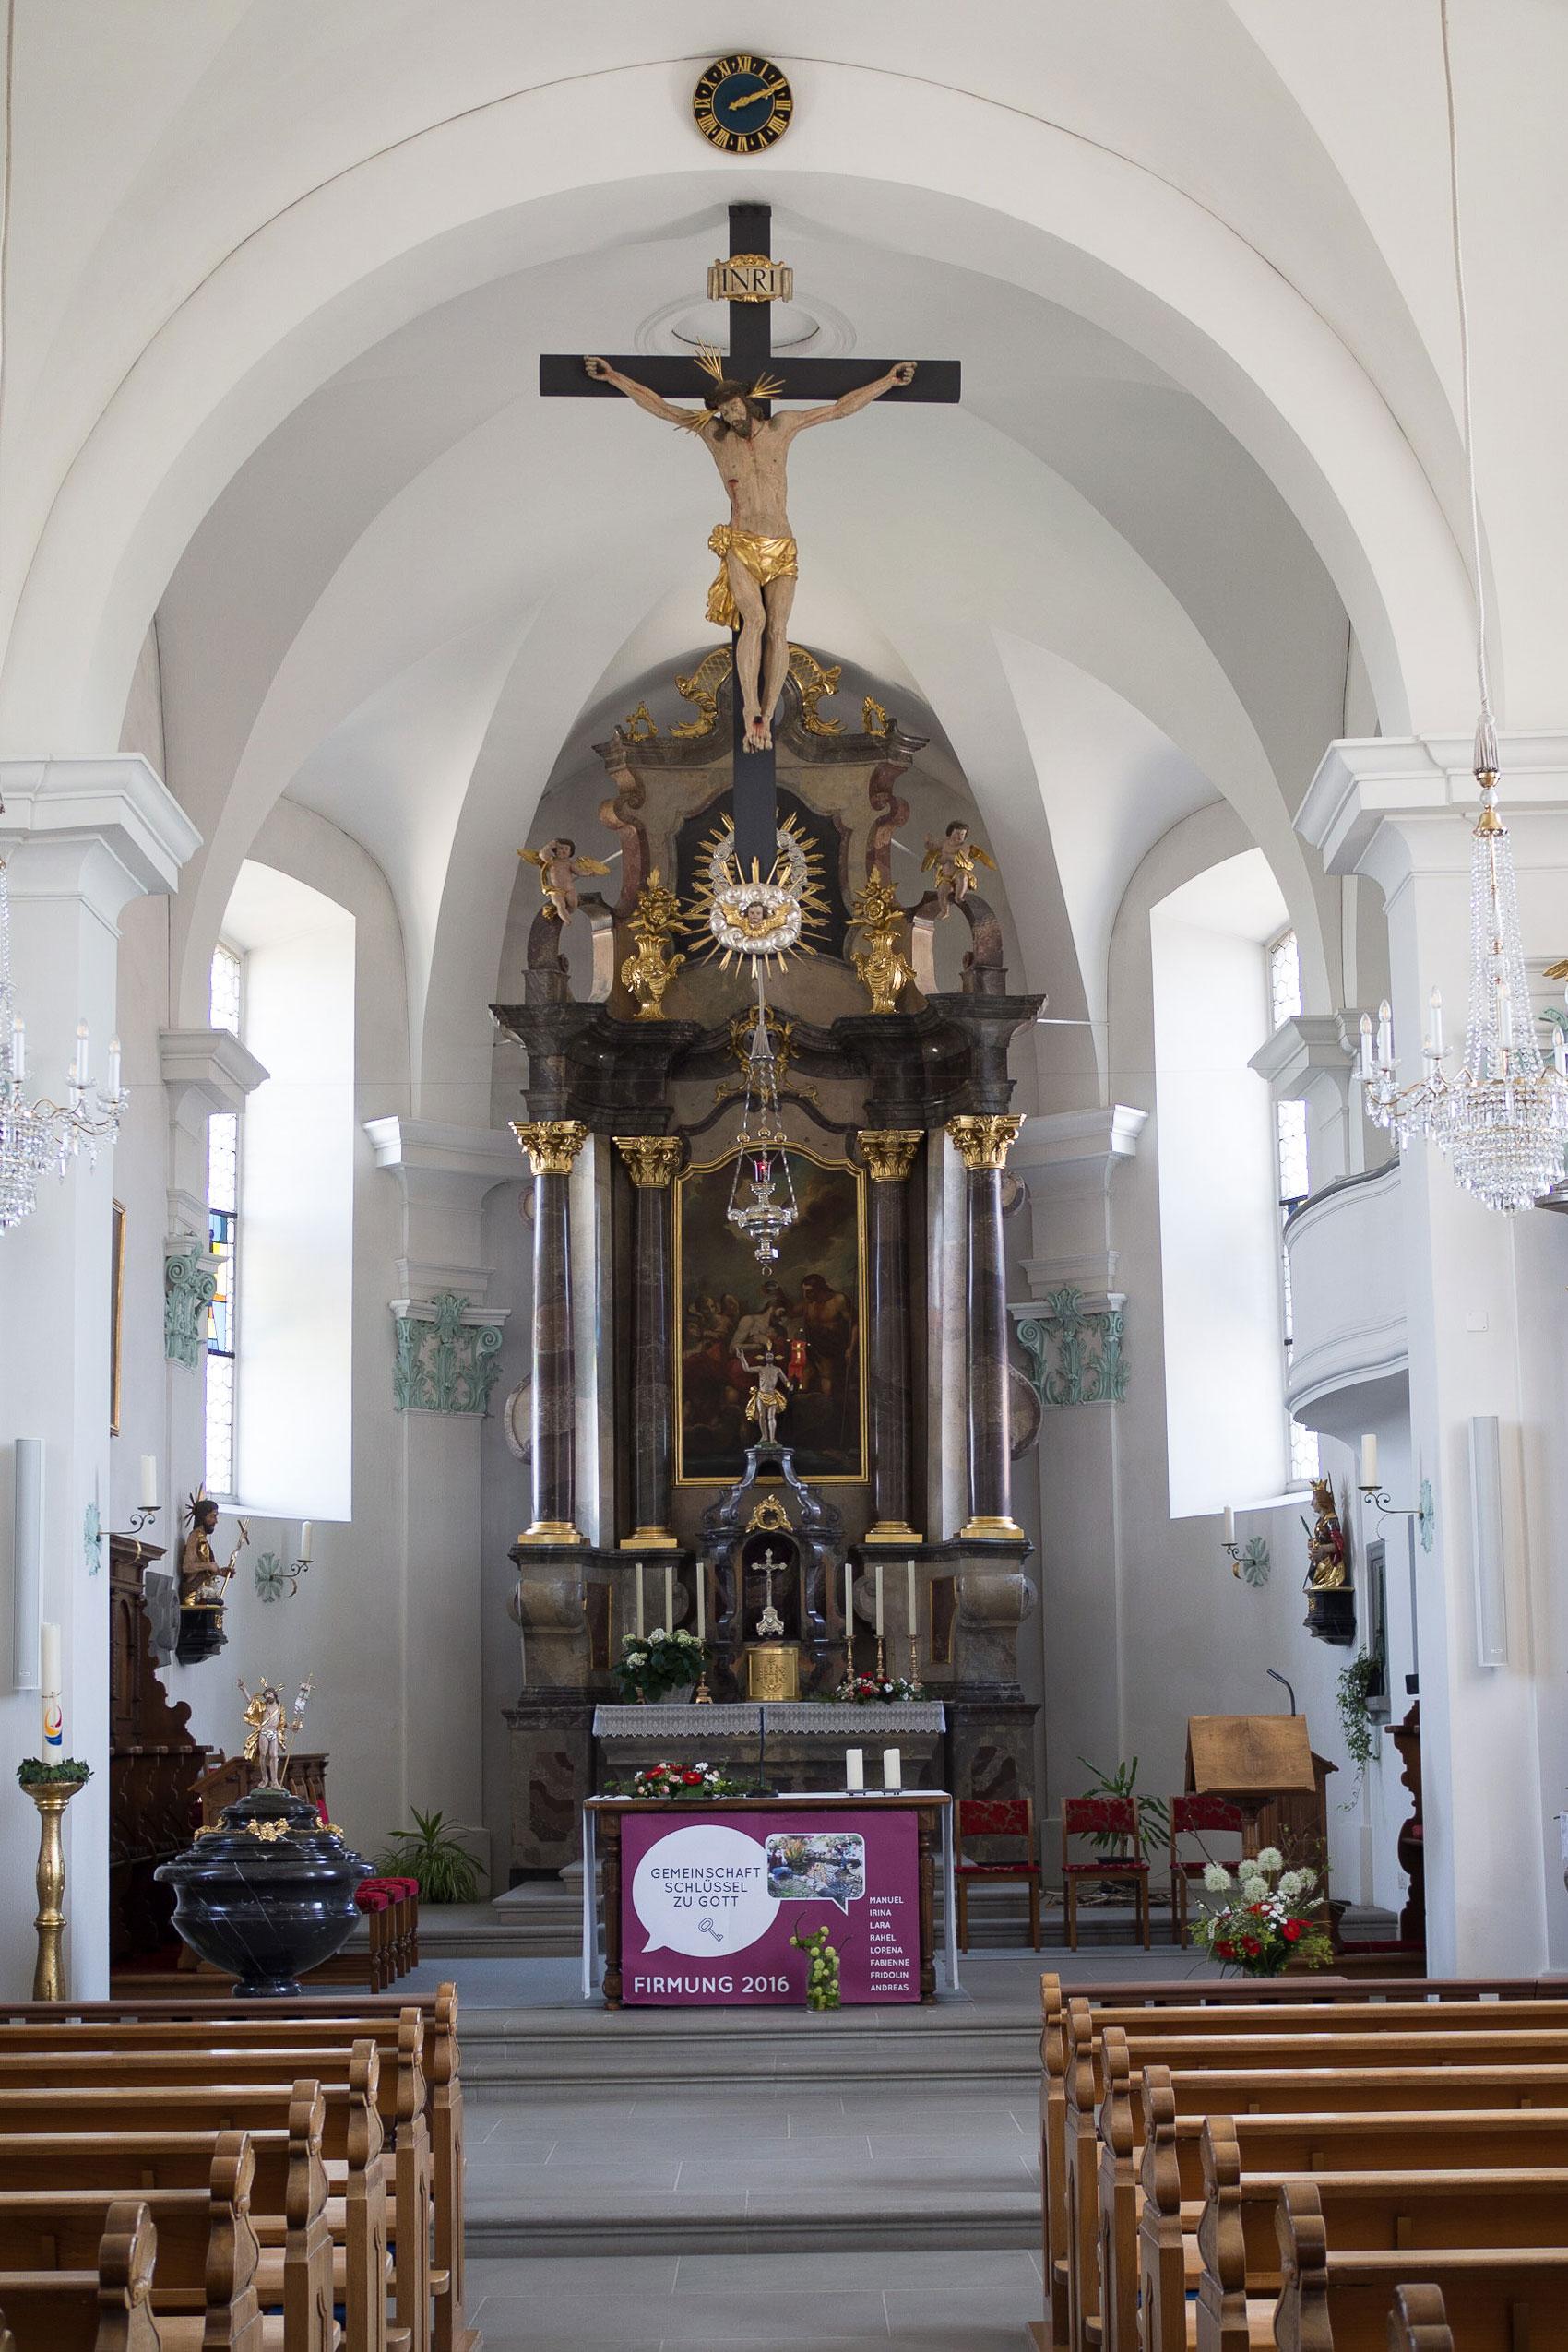 Innen wurde die Ufhuser Pfarrkirche schon 2015 renoviert. © 2016 Gregor Gander